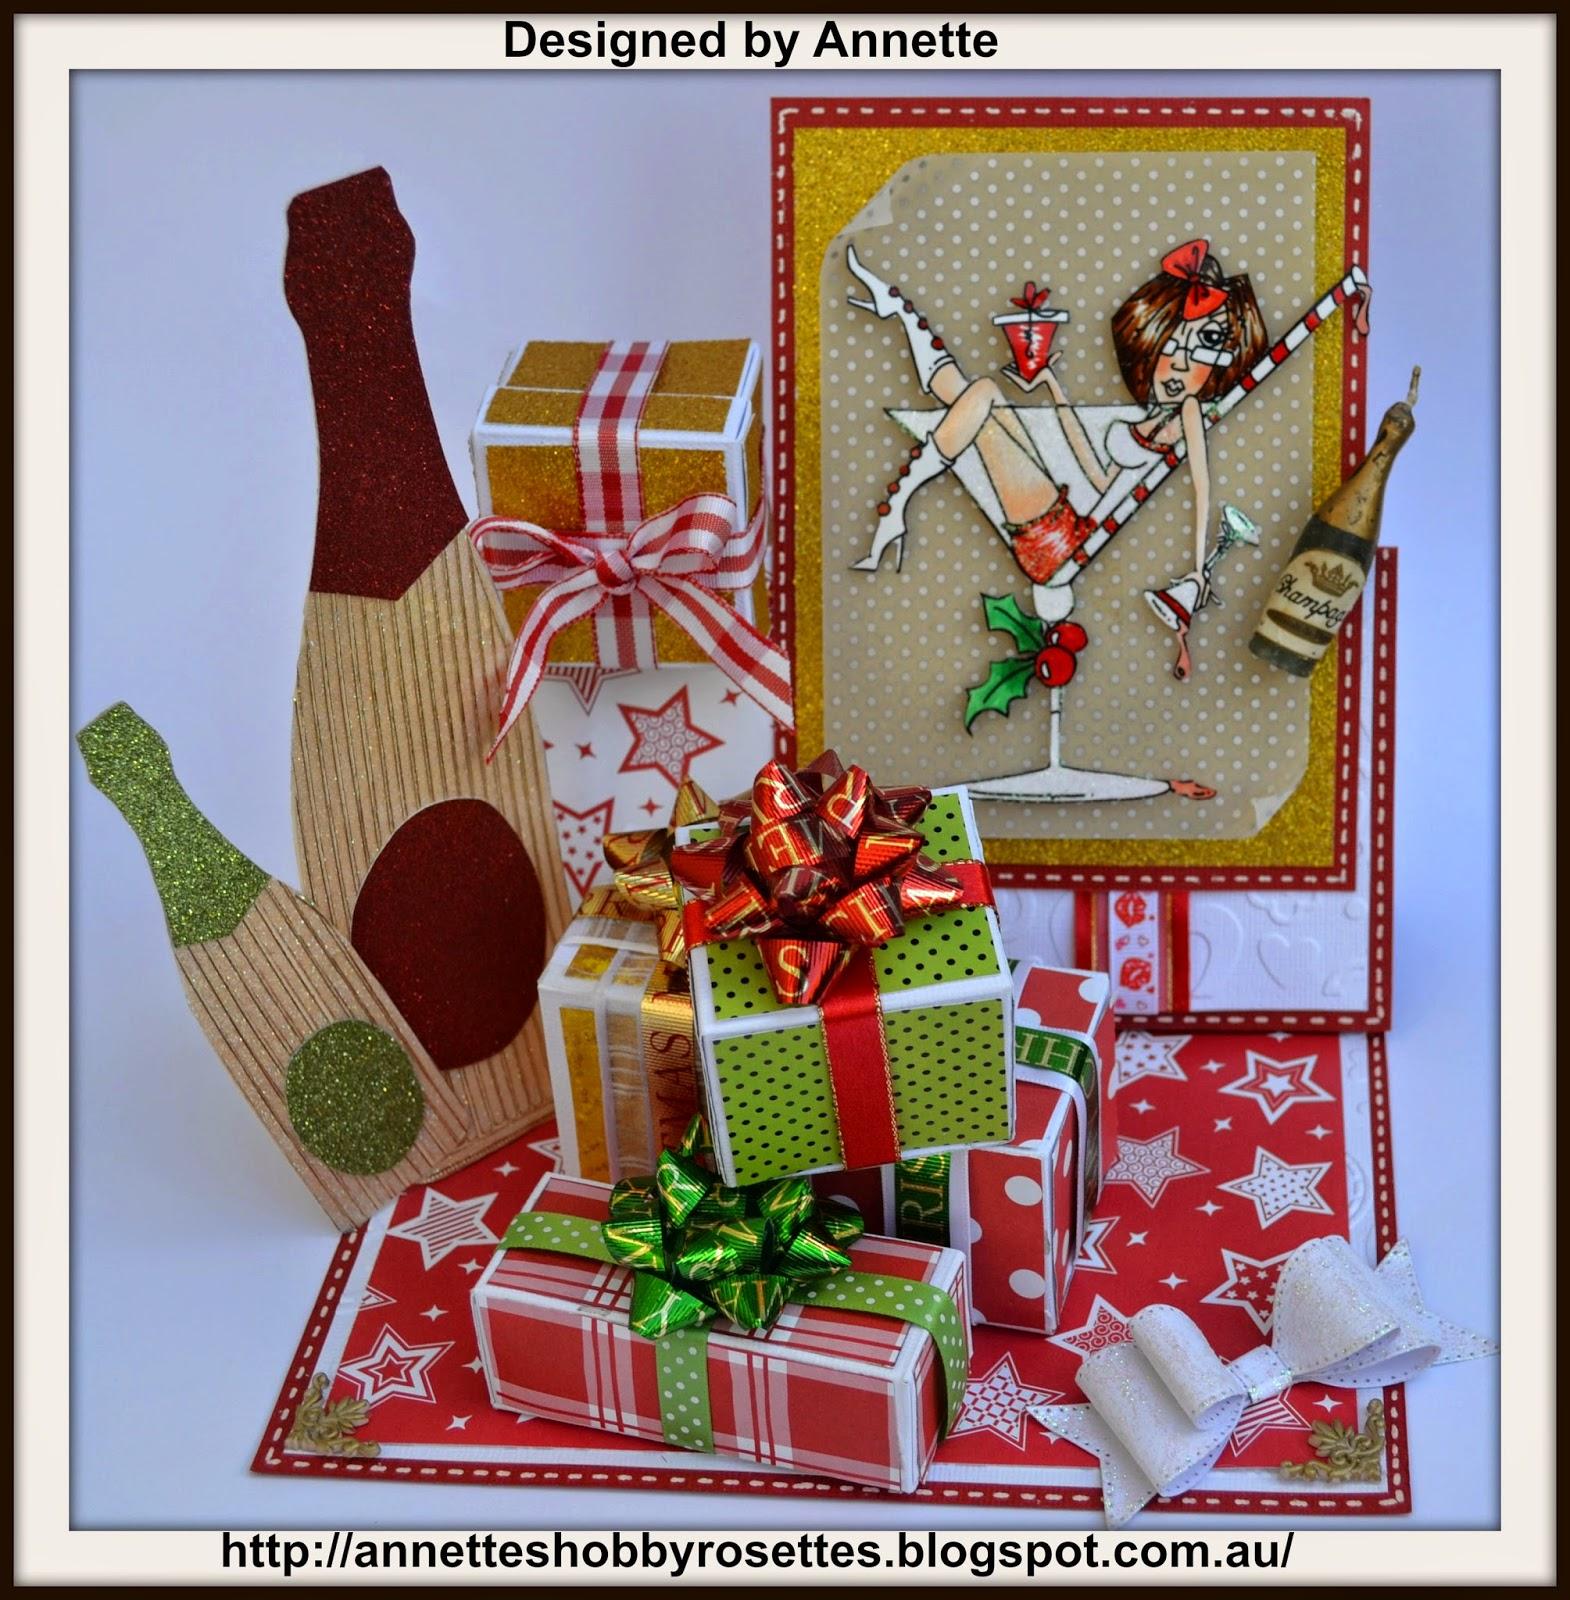 http://4.bp.blogspot.com/-3dR11lwEiq0/VEYC14aF7iI/AAAAAAAAB2Y/D0Hd5mapFb0/s1600/Gift%2BBox%2BEasel%2BSBC%2B007%2B~%2BSBC%2BBugaboo%2BDigi.jpg